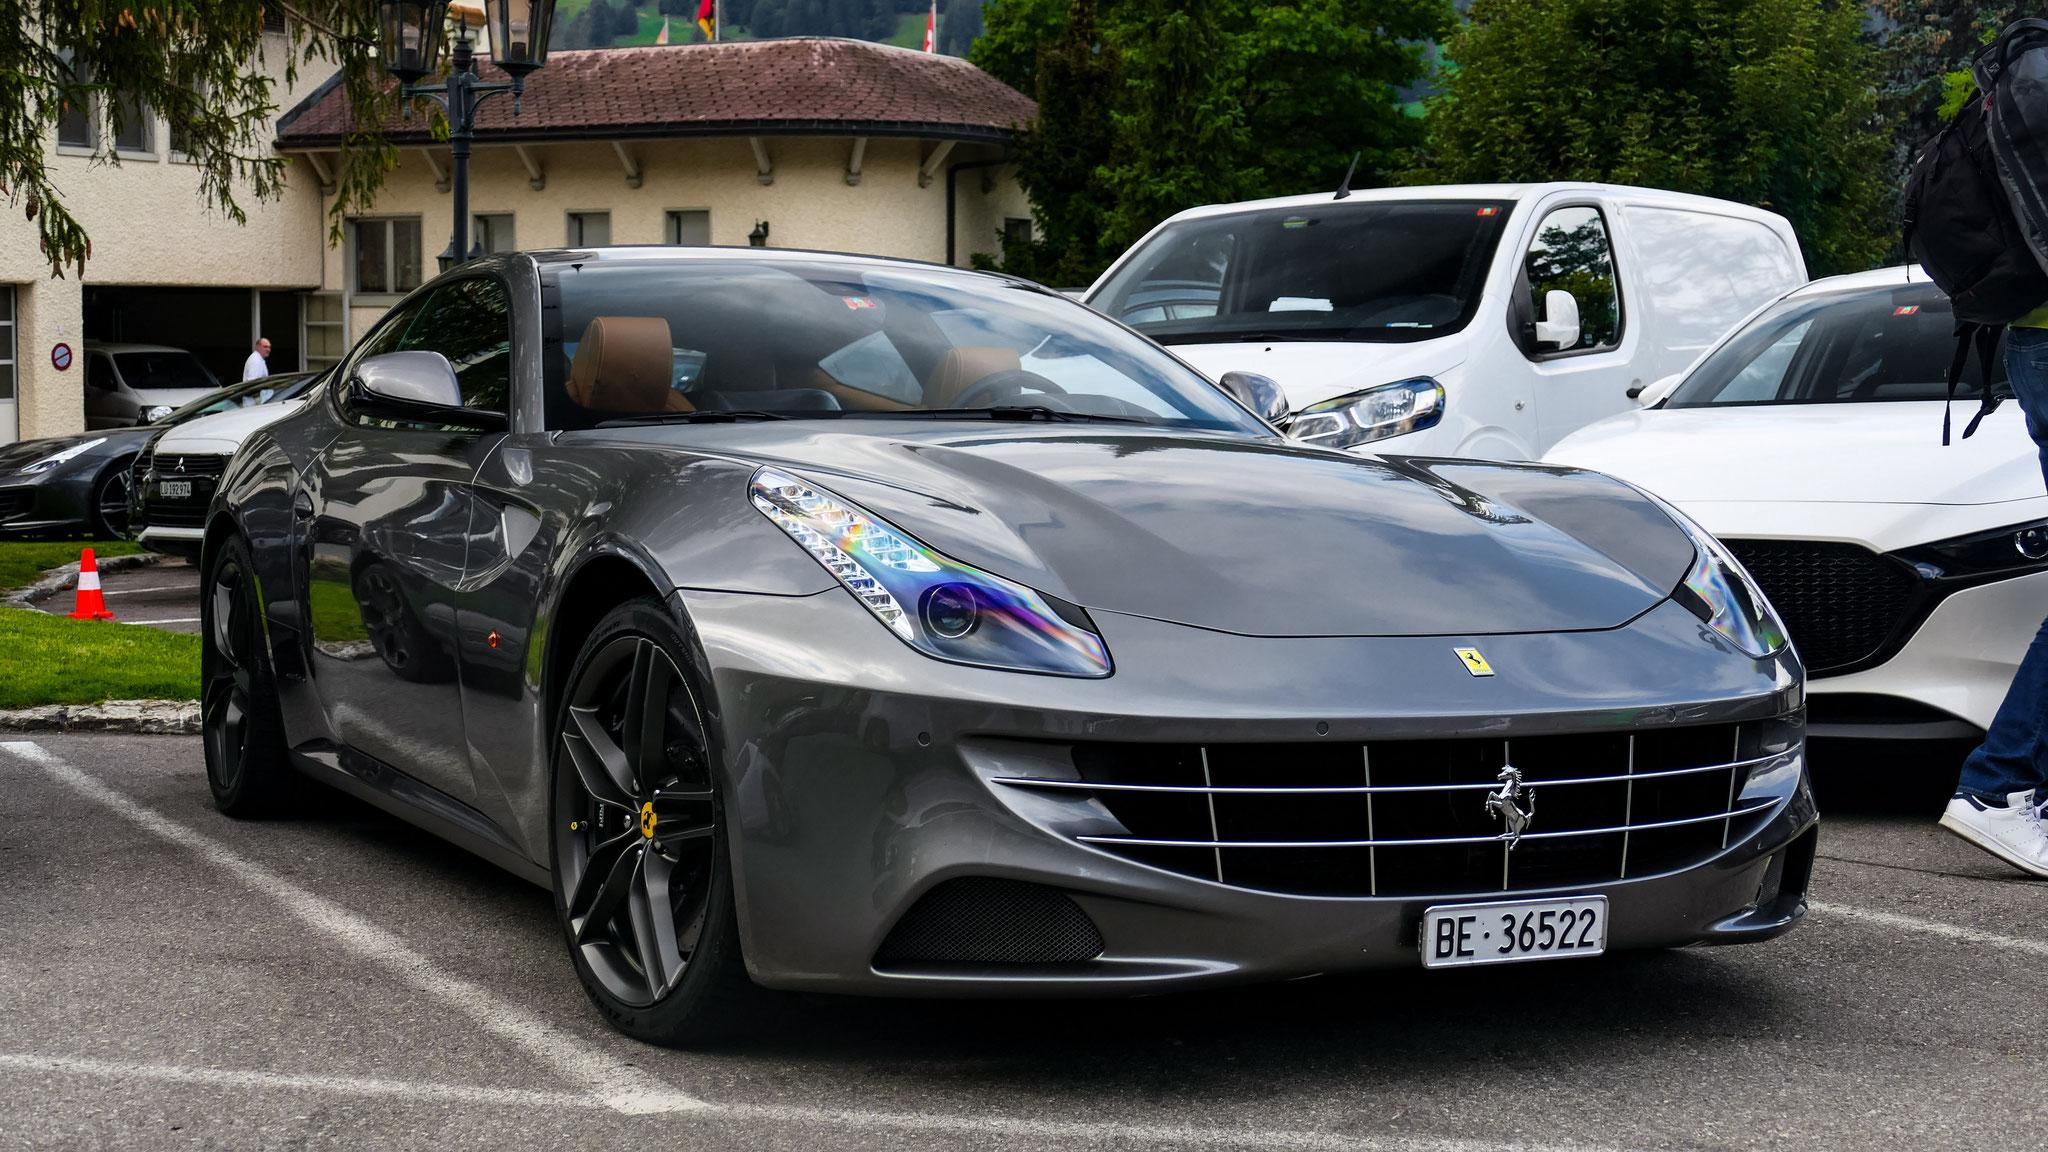 Ferrari FF - BE-36522 (CH)